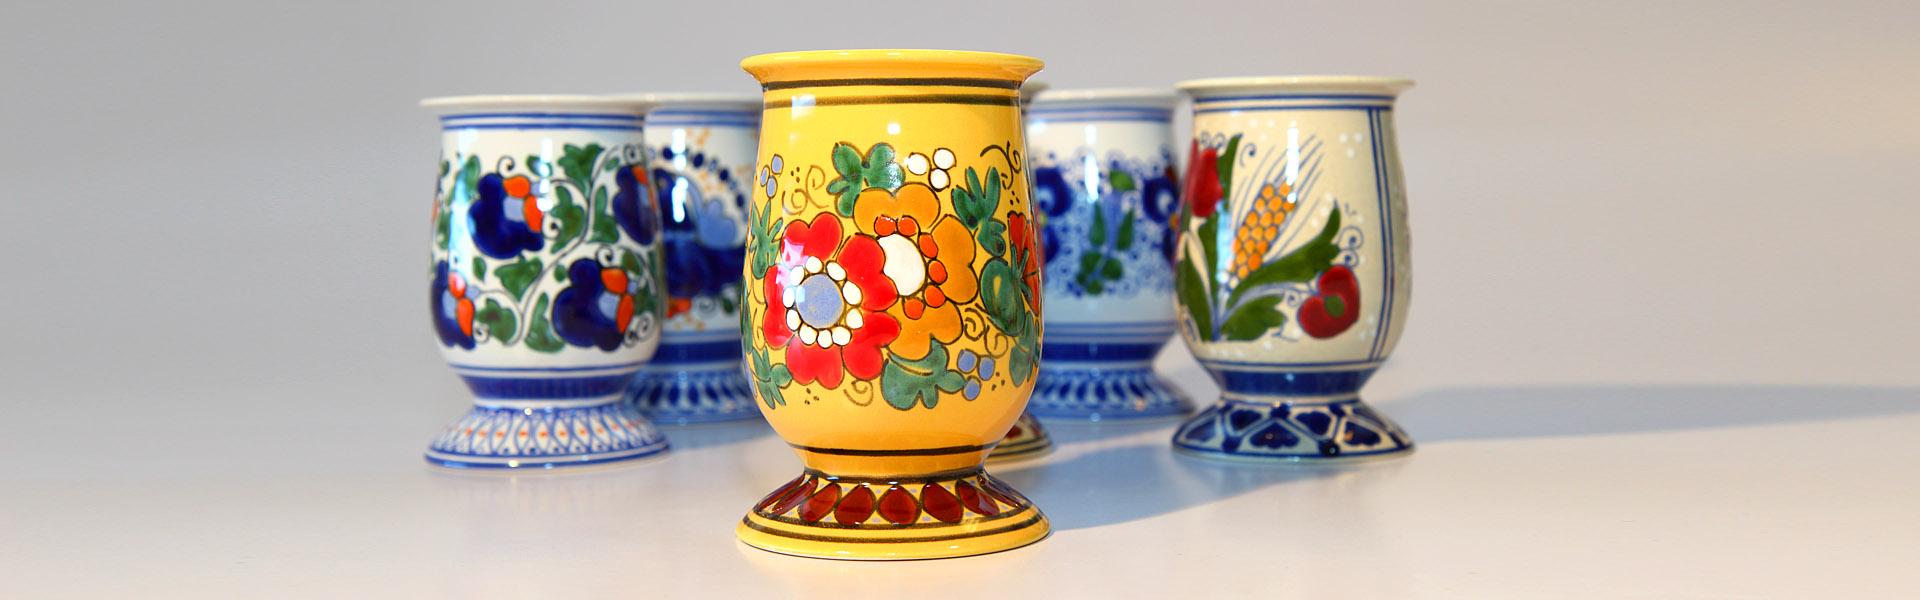 Mate Argentino Ceramica Bariloche